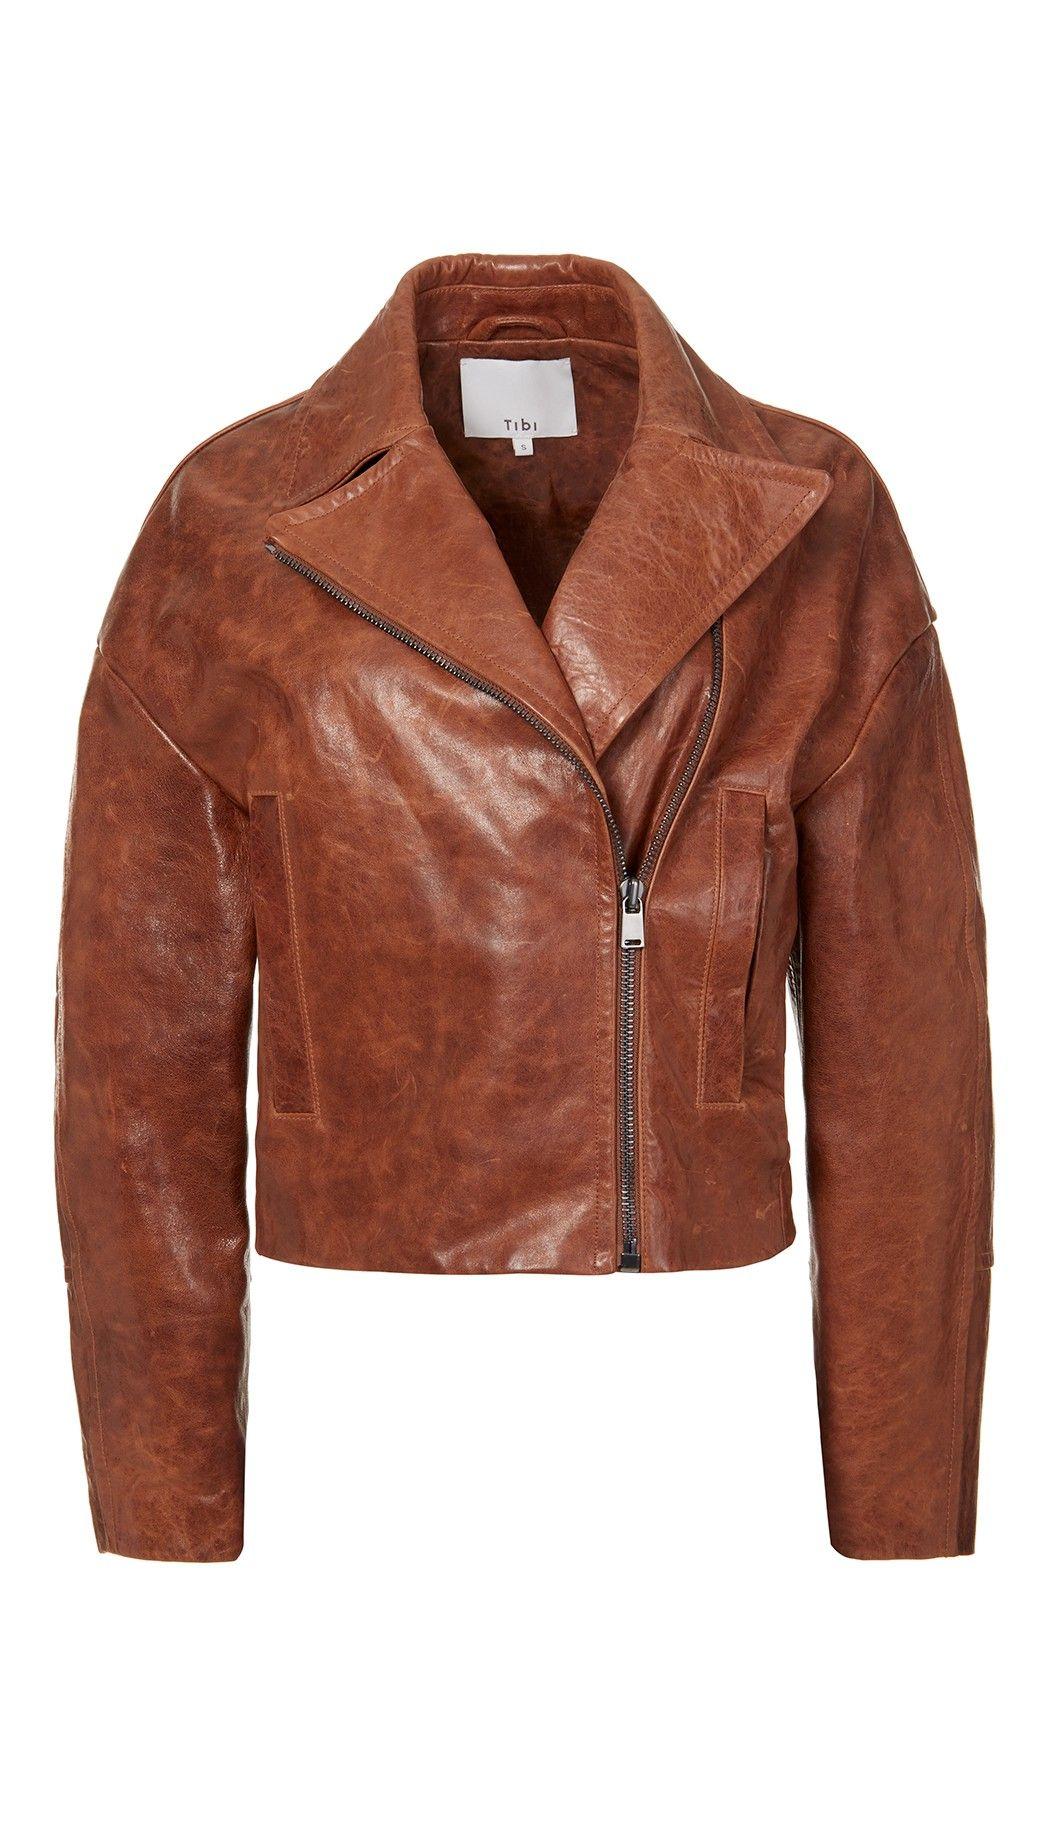 Cognac Oversized Leather Moto Jacket Real leather jacket